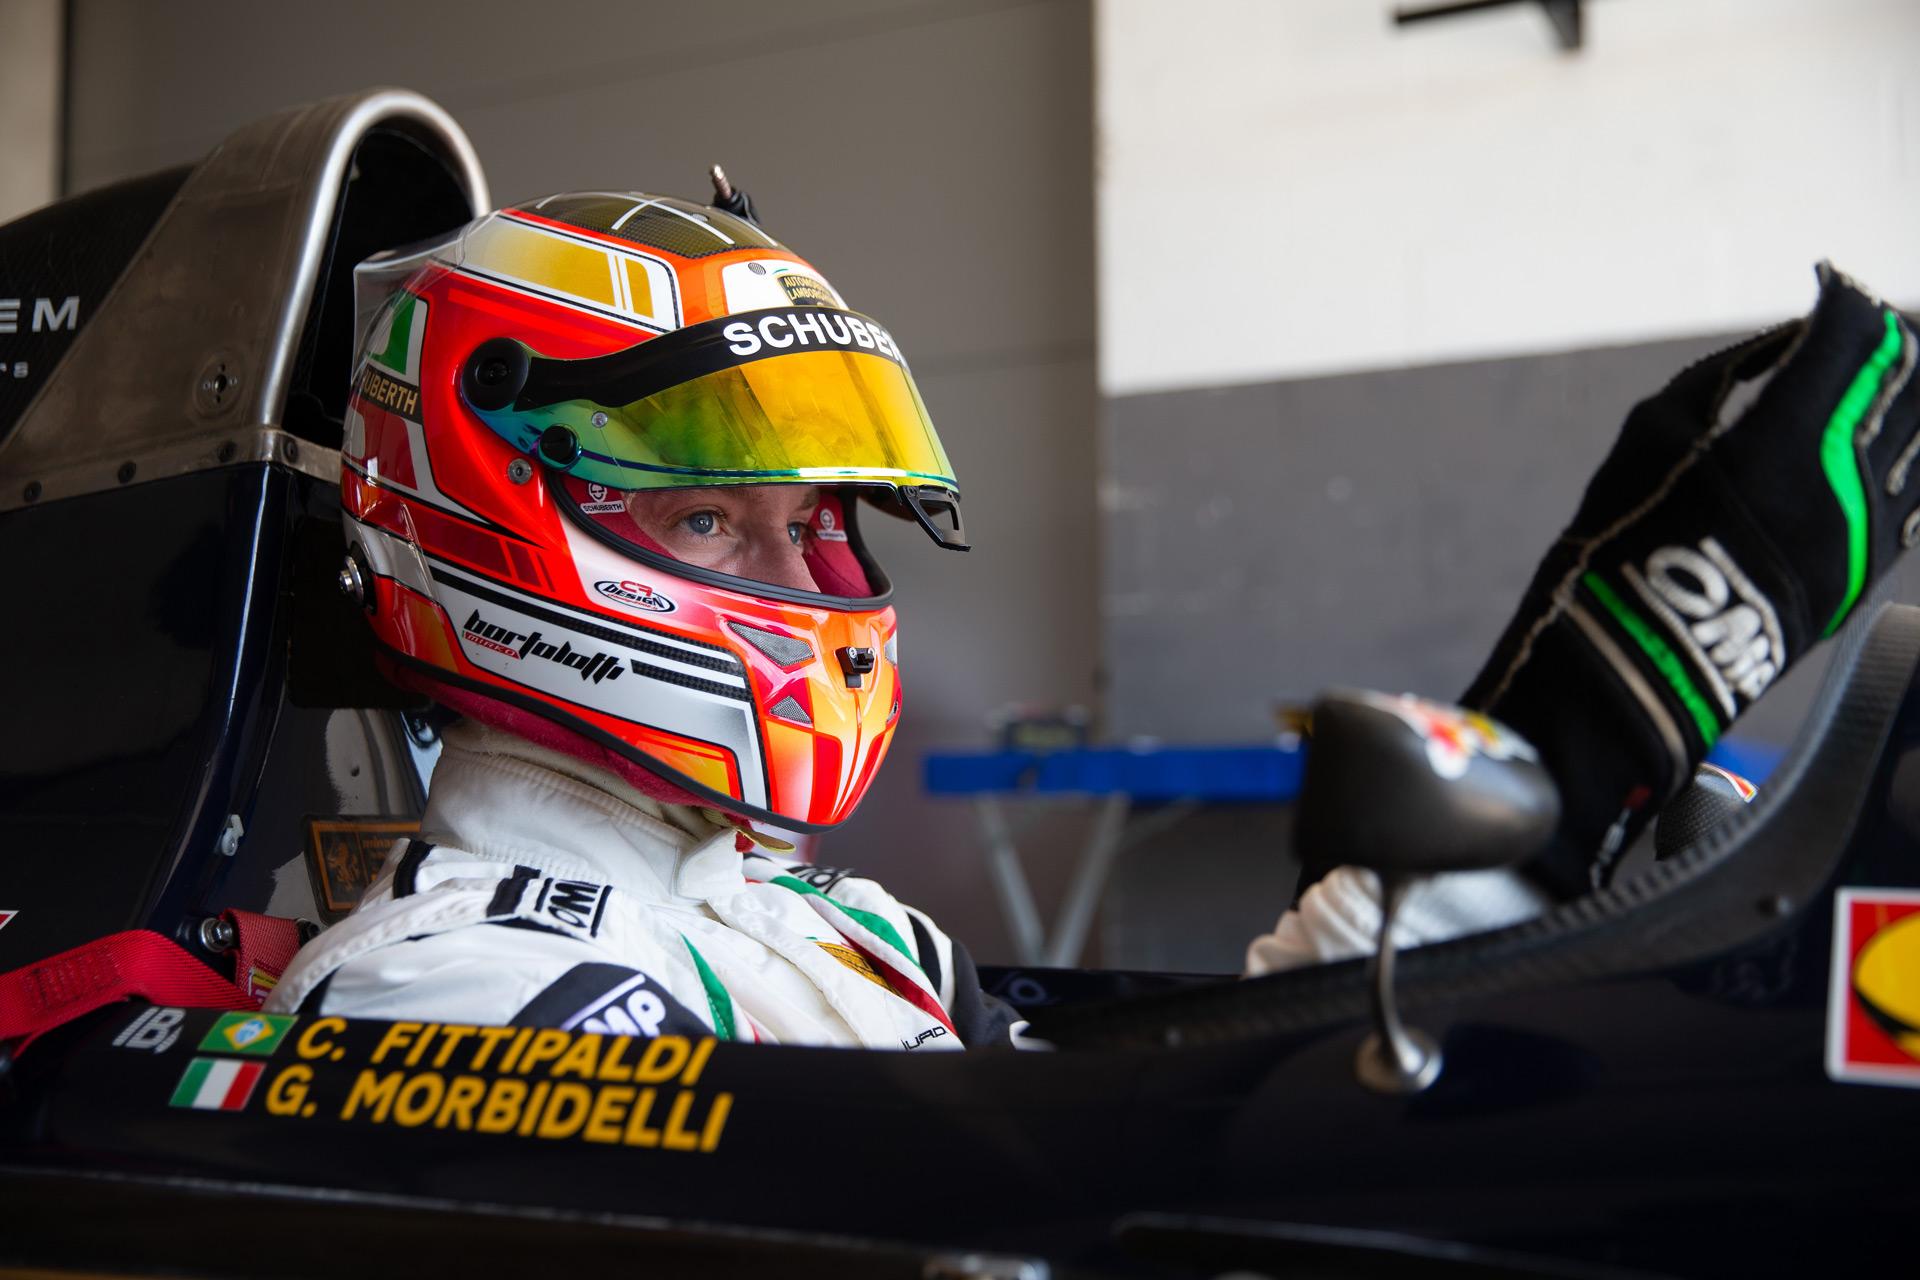 Суперкар Minardi 191B F1 с двигателем Lamborghini возвращается на гоночный трек после 26-летнего перерыва